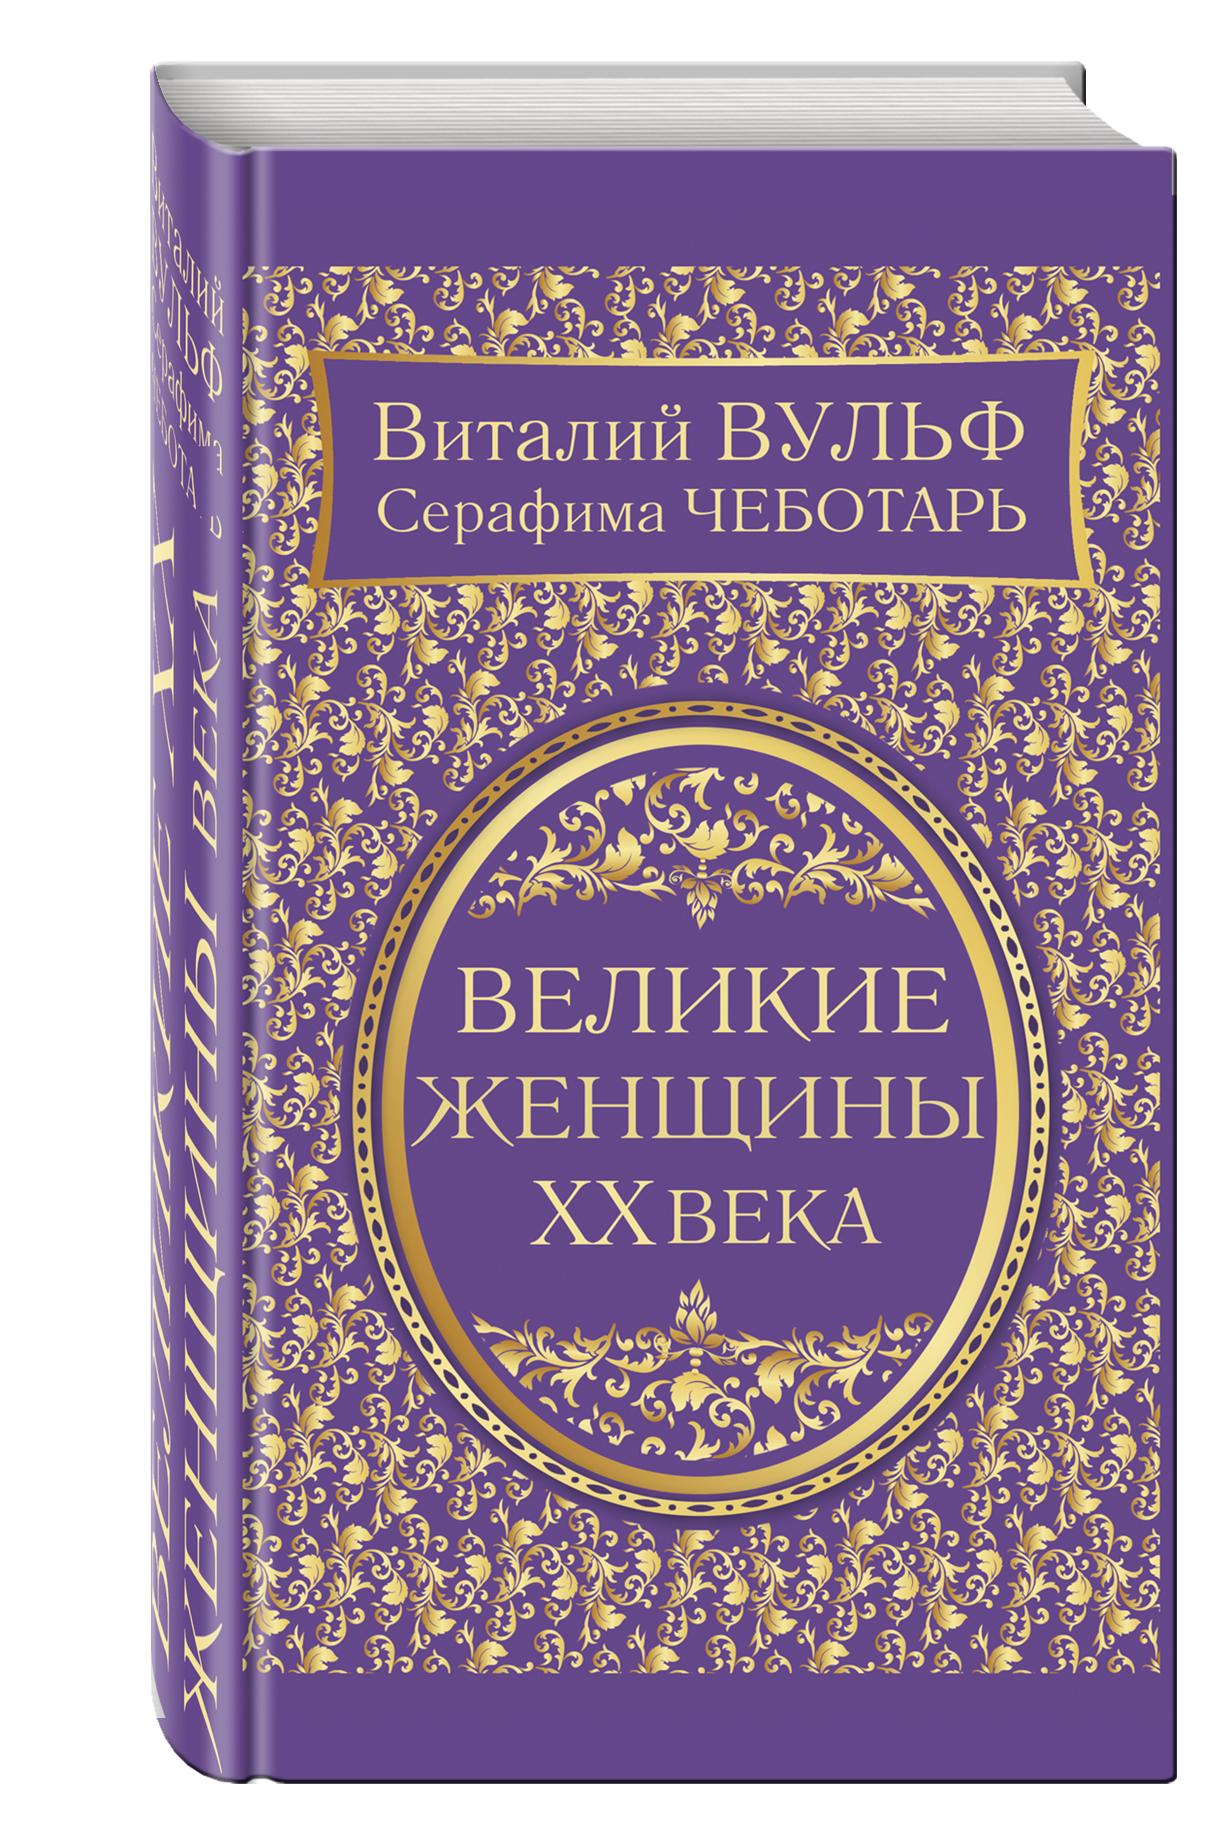 Великие женщины XX века. Самое полное издание от book24.ru